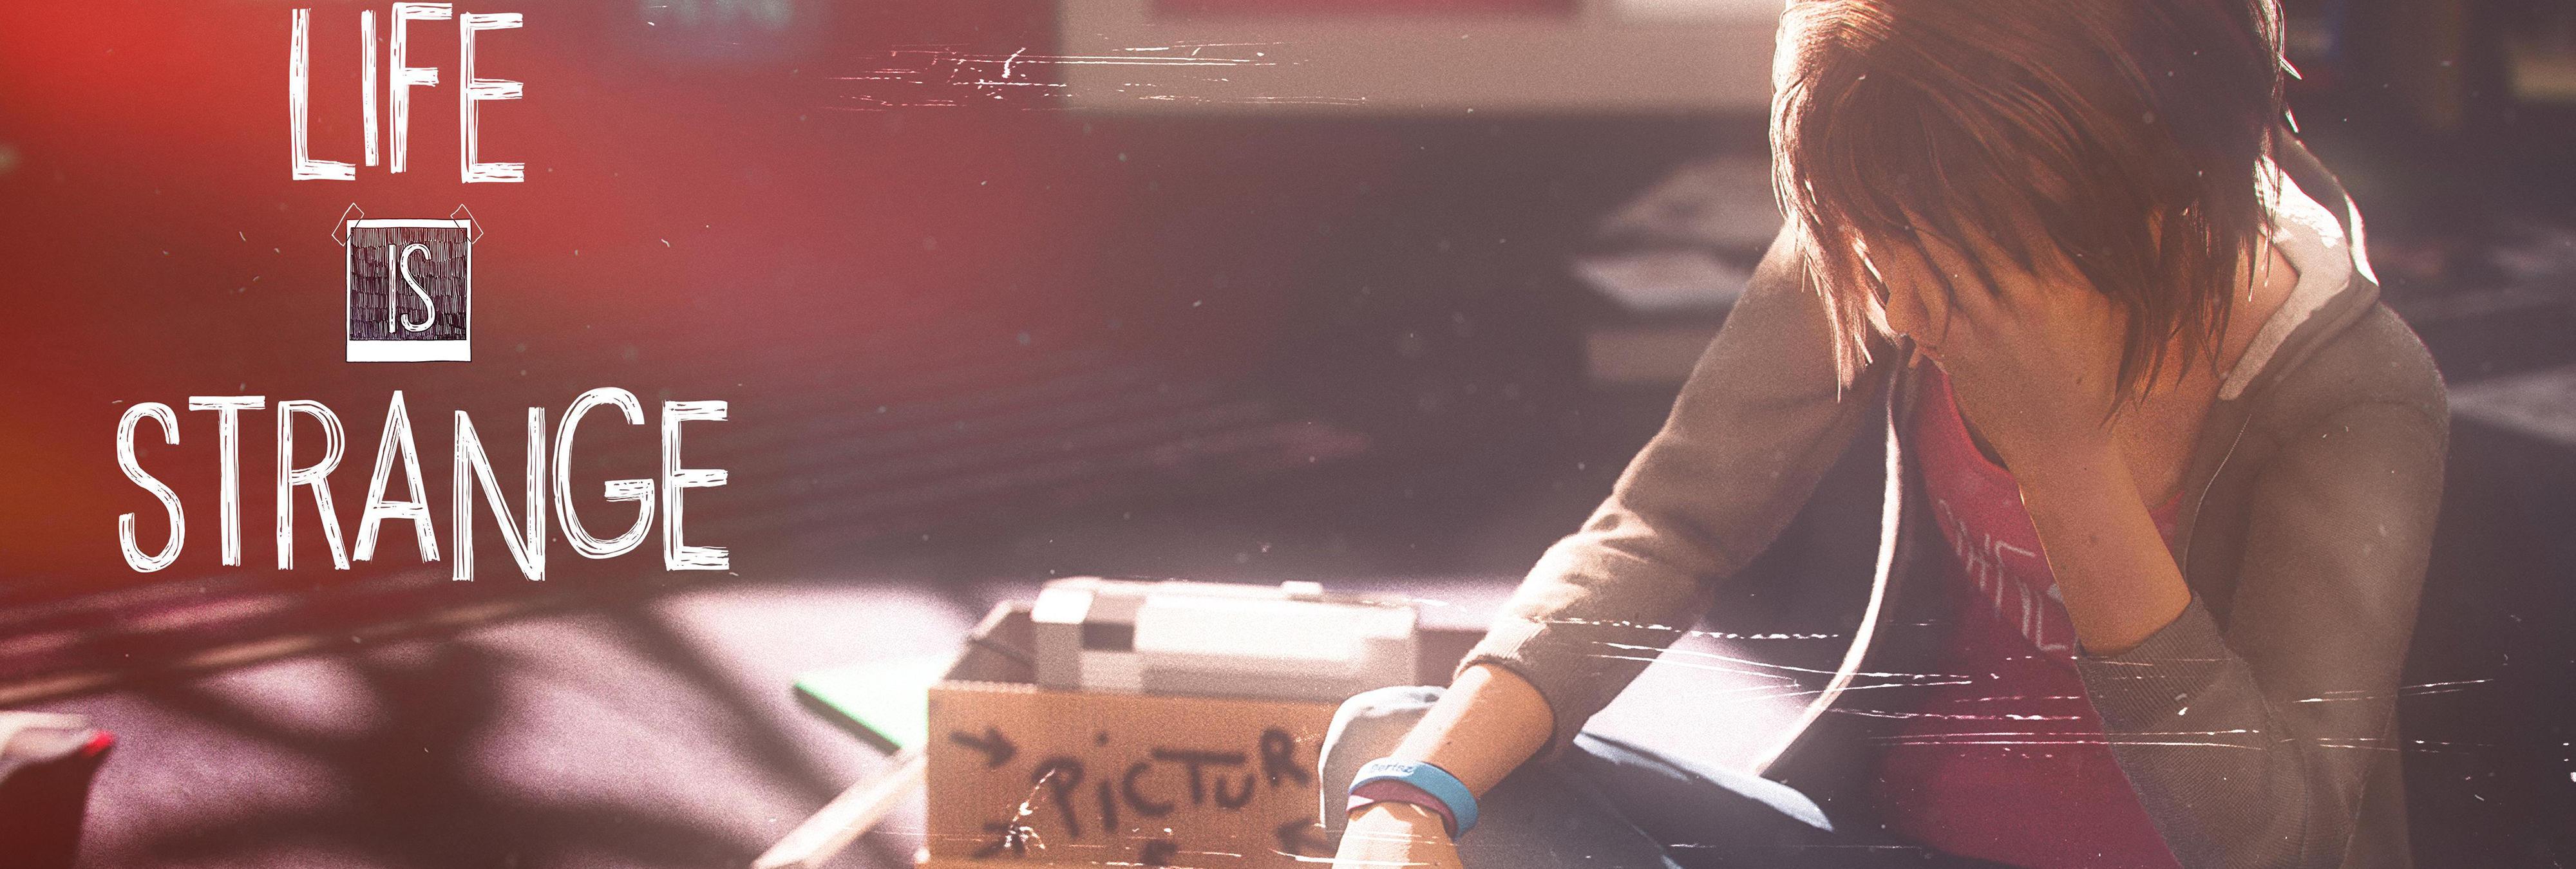 'Life is Strange' lanza #YourFriendMe para luchar contra el suicidio adolescente